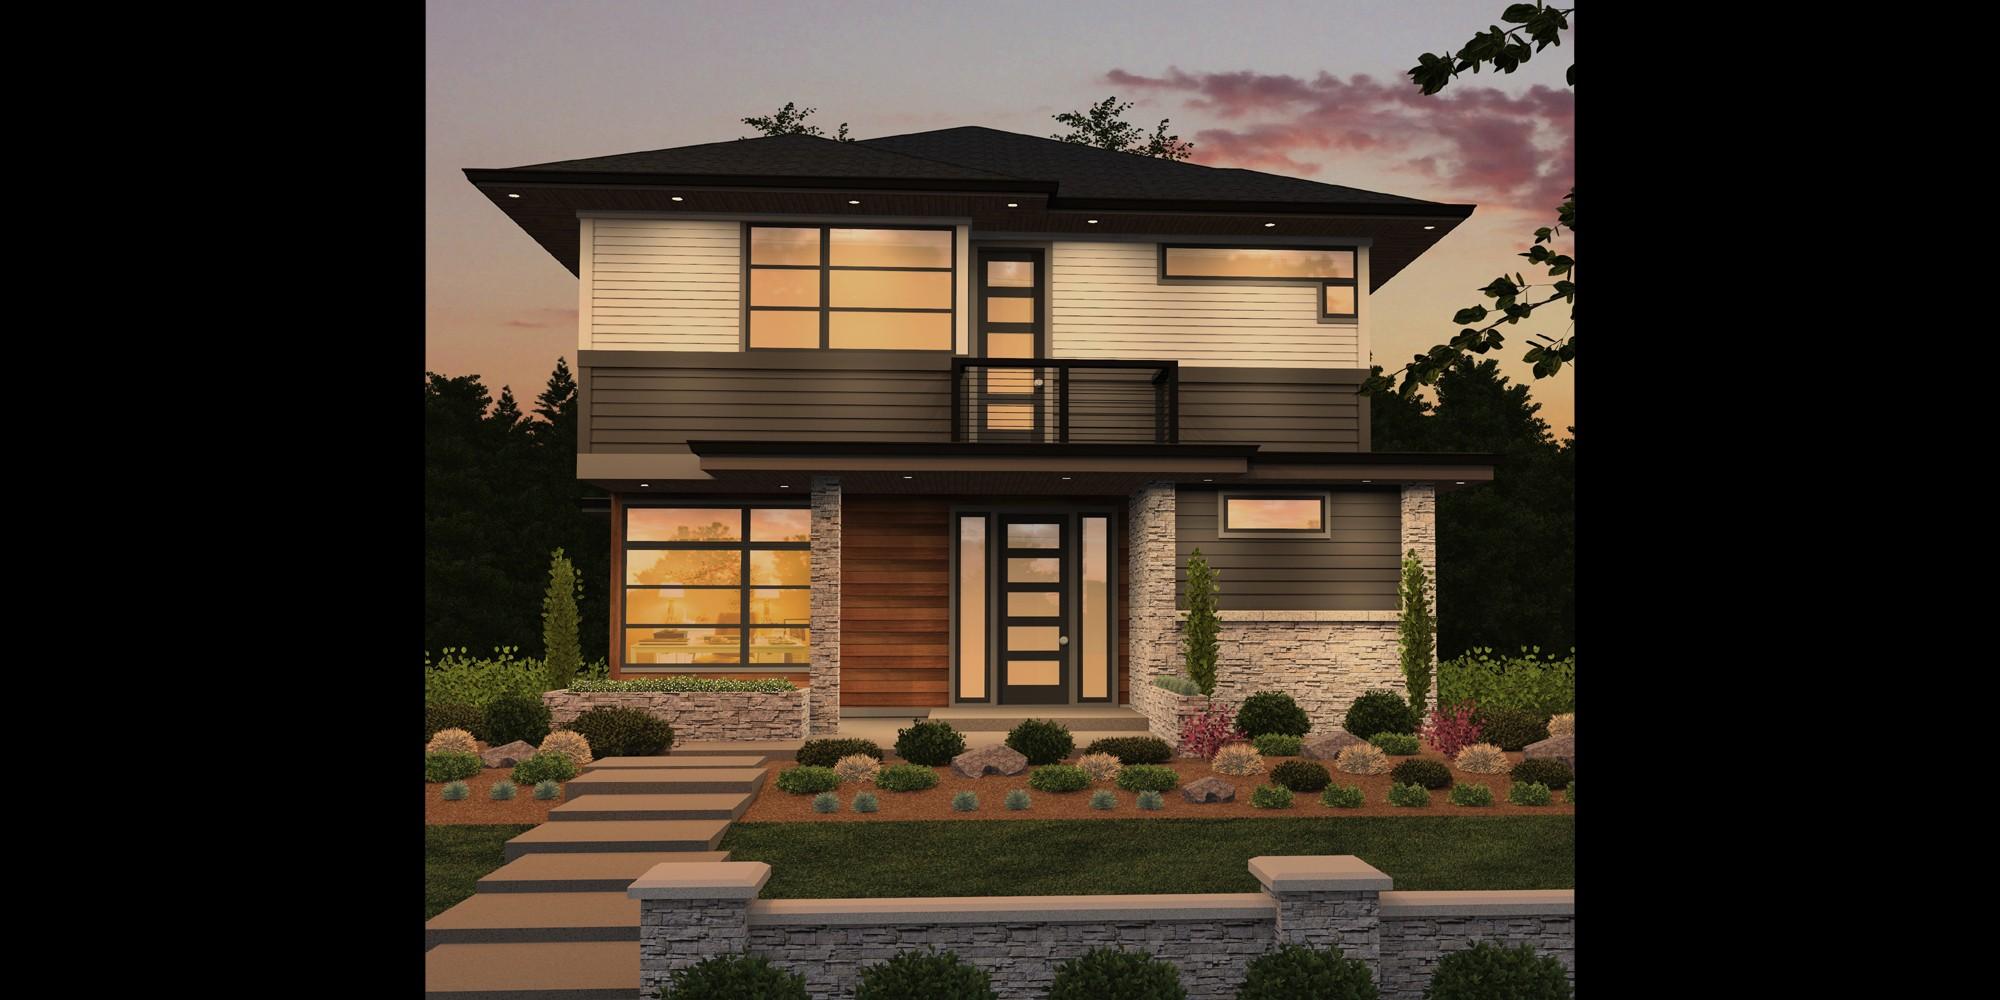 House plans modern home floor plans unique farmhouse designs